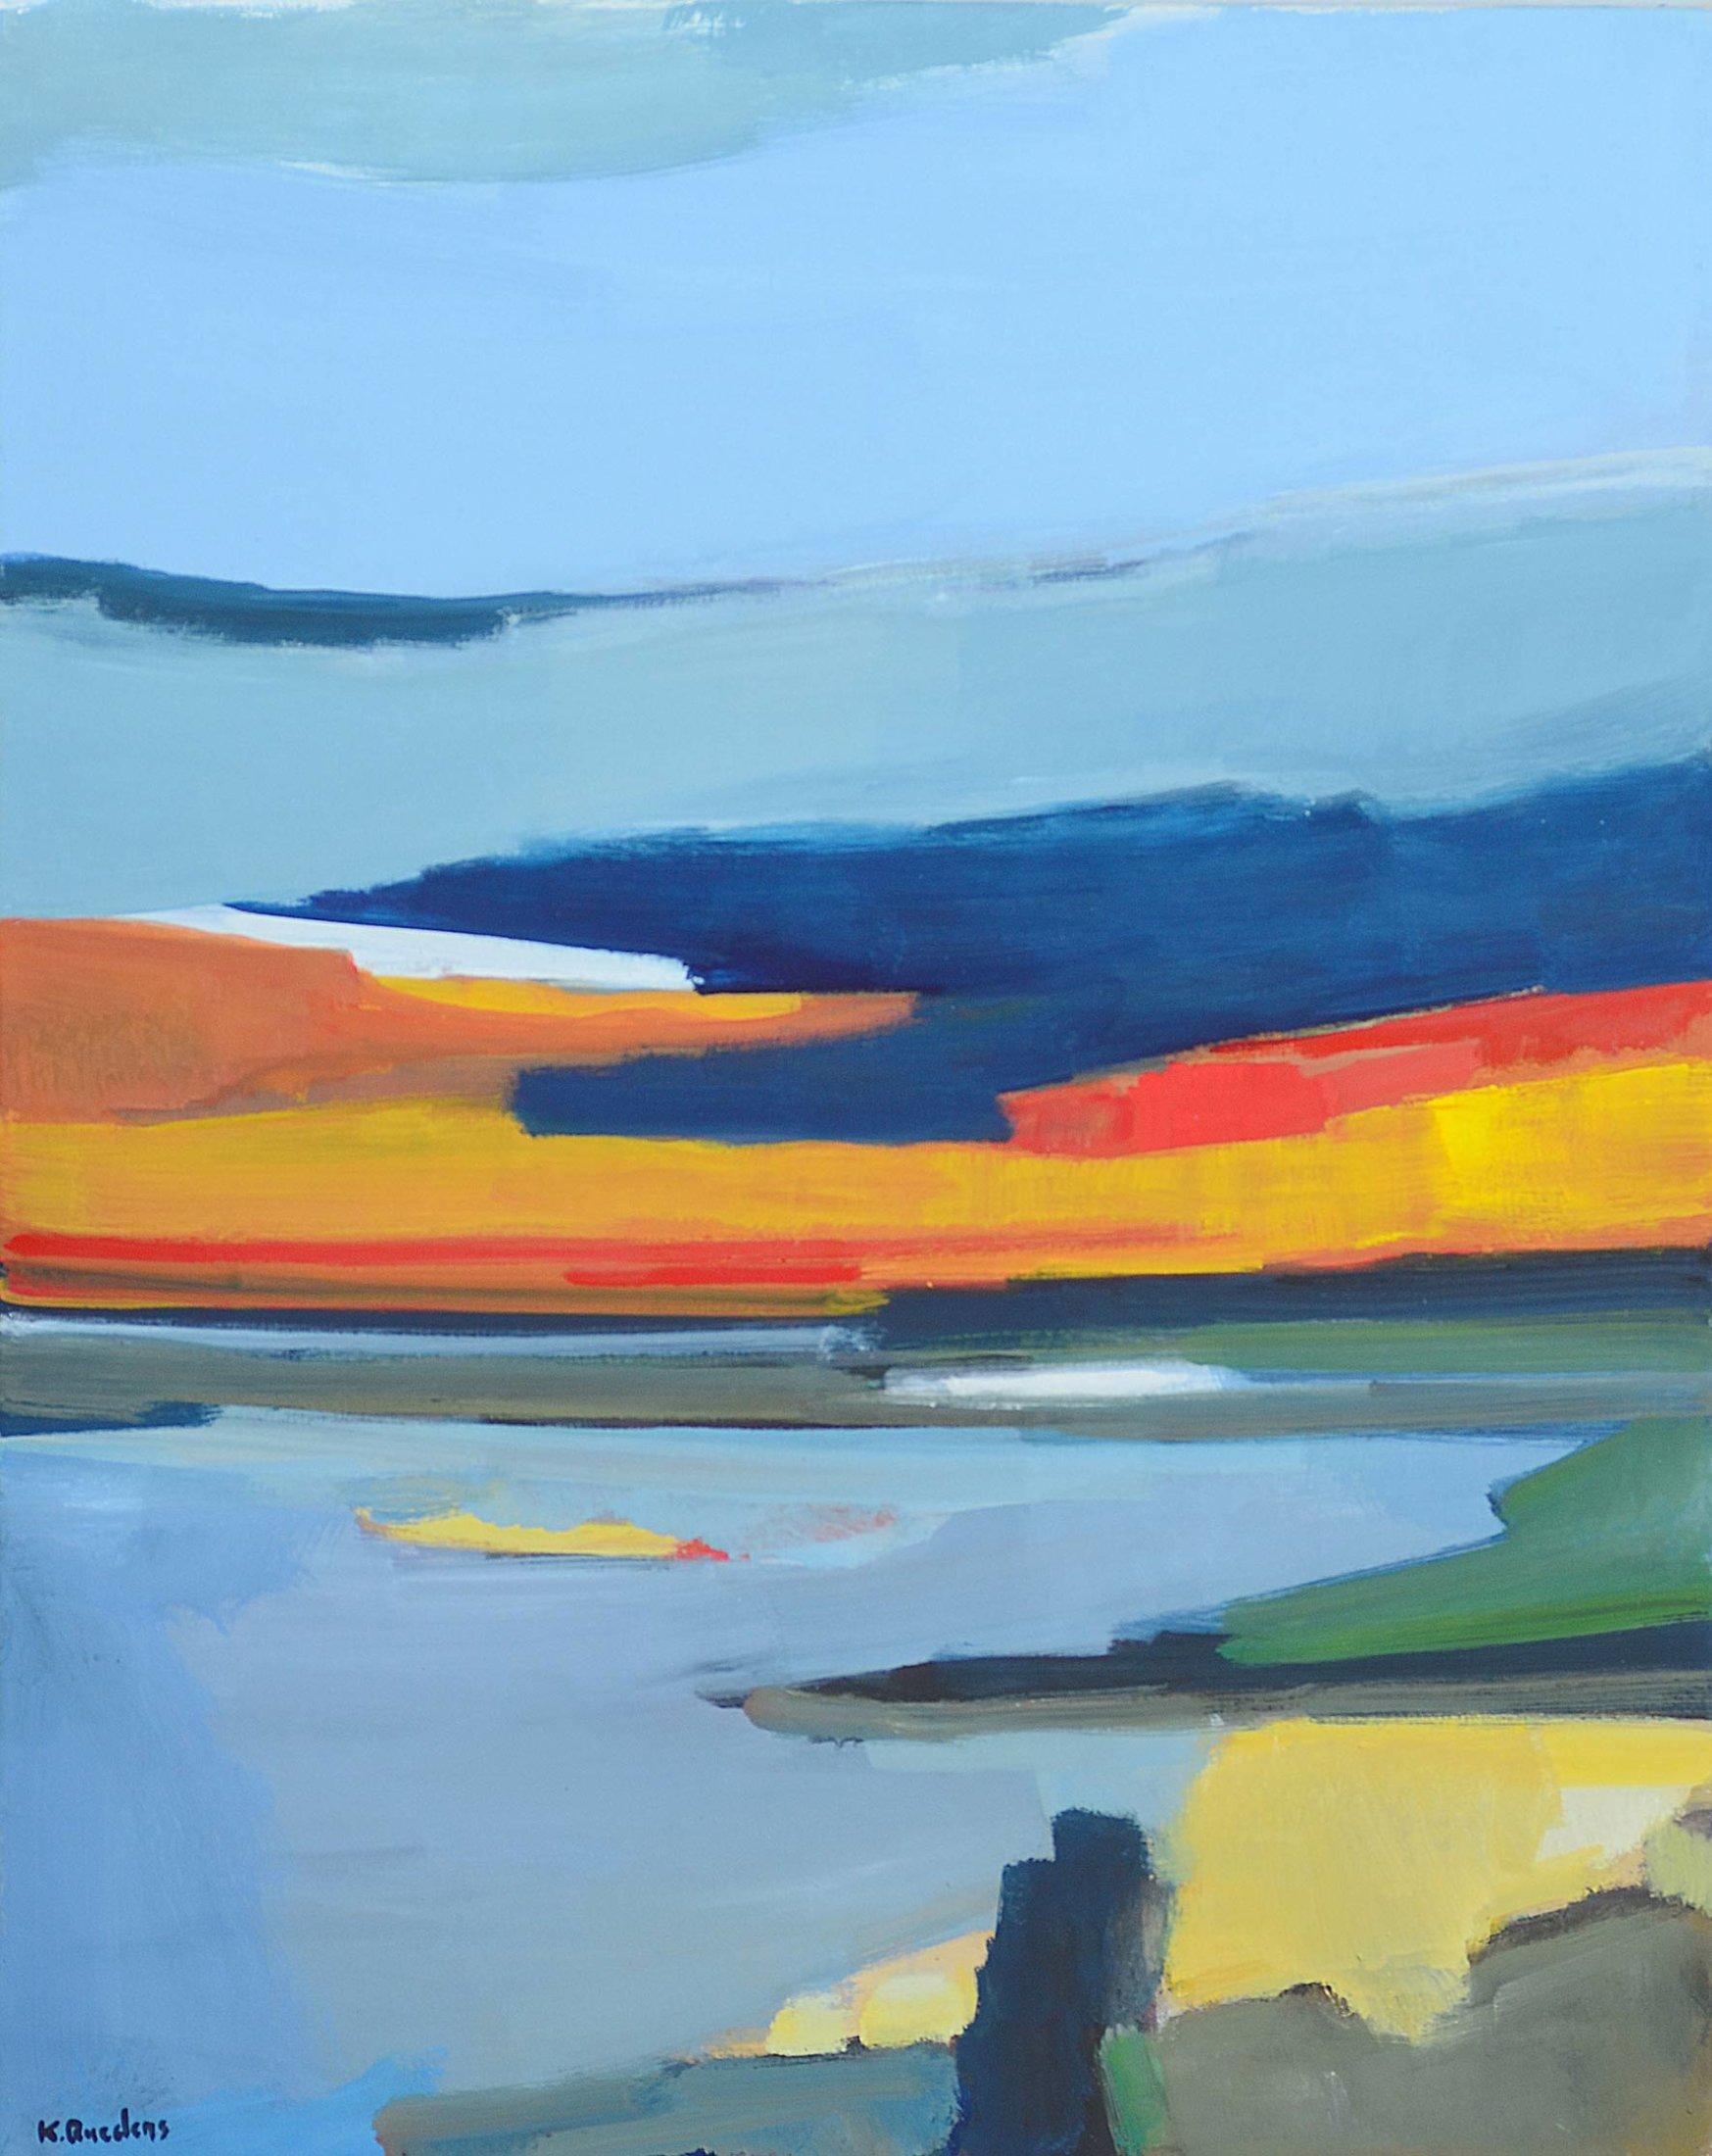 bruket lunskaft (farbige Landschaft)